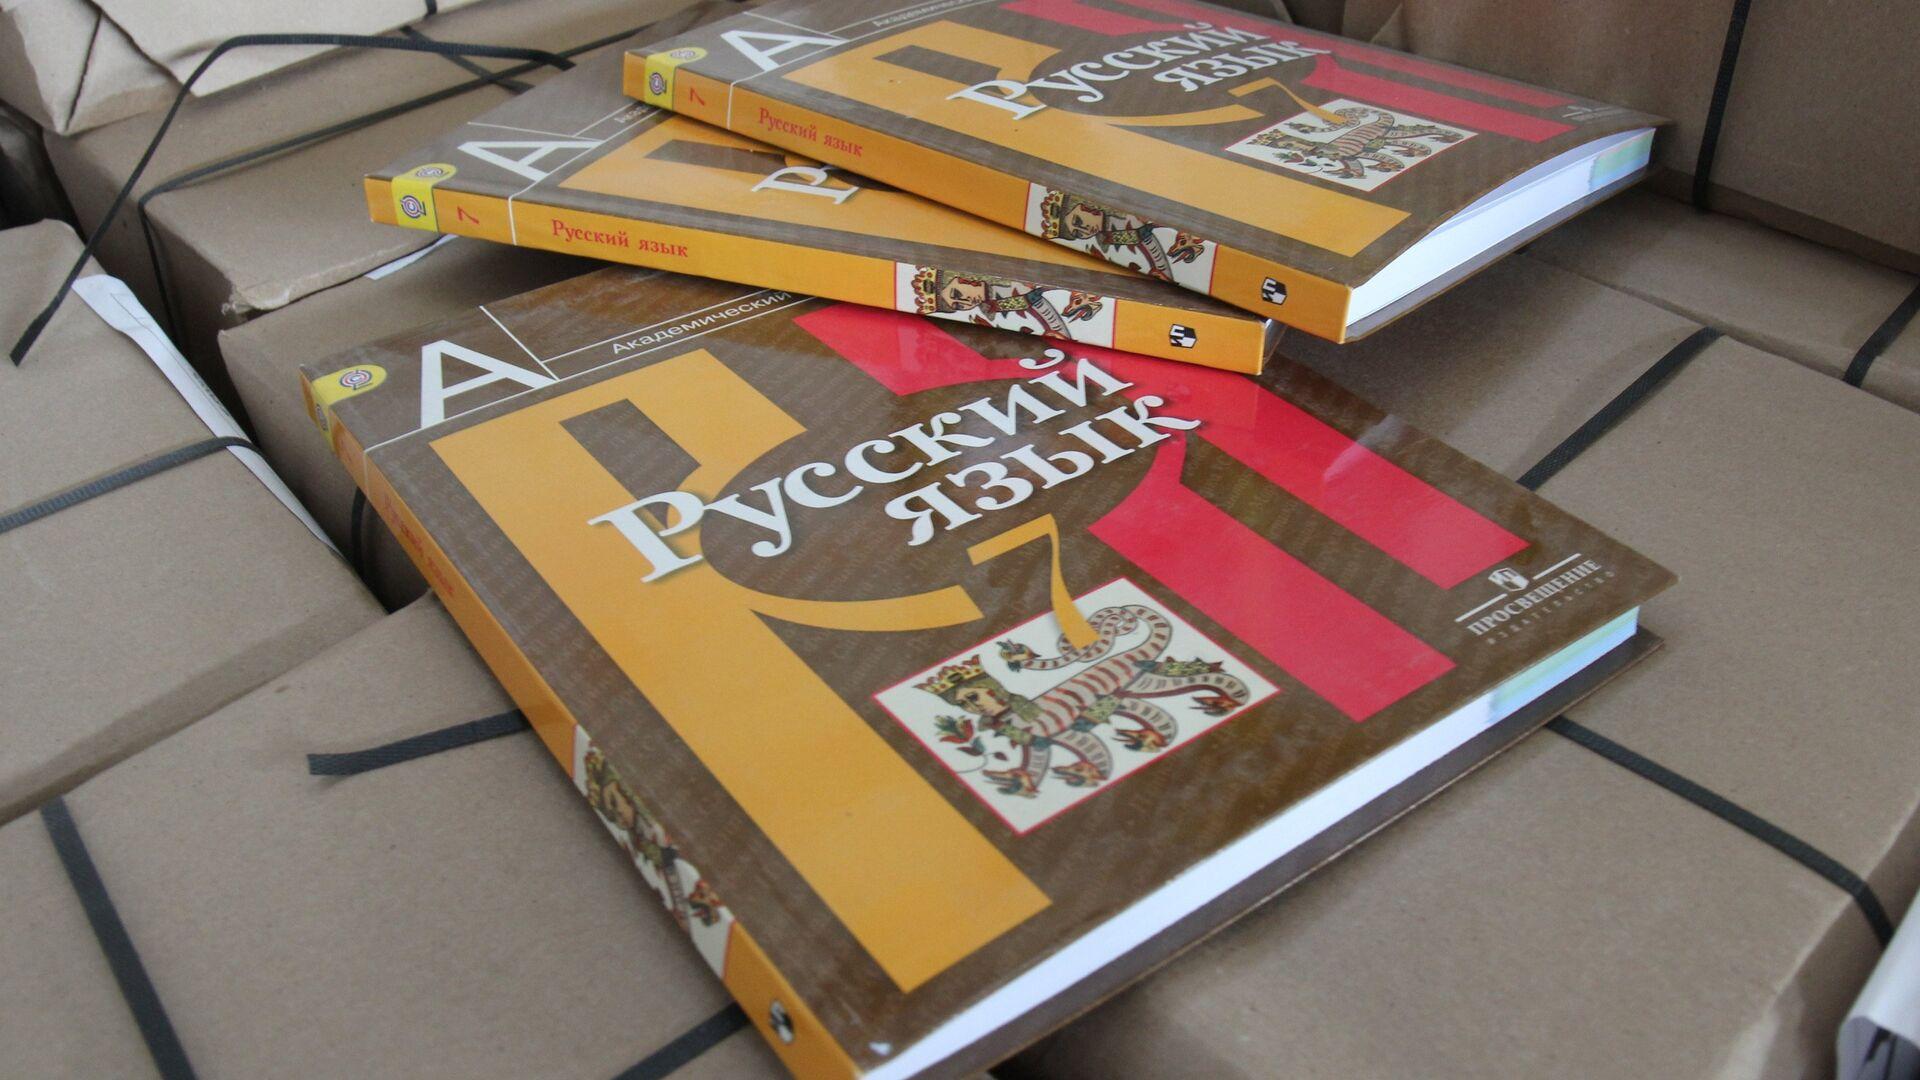 Последняя партия из 567 тысяч учебников для крымских школ прибыла в Симферополь - РИА Новости, 1920, 25.05.2021